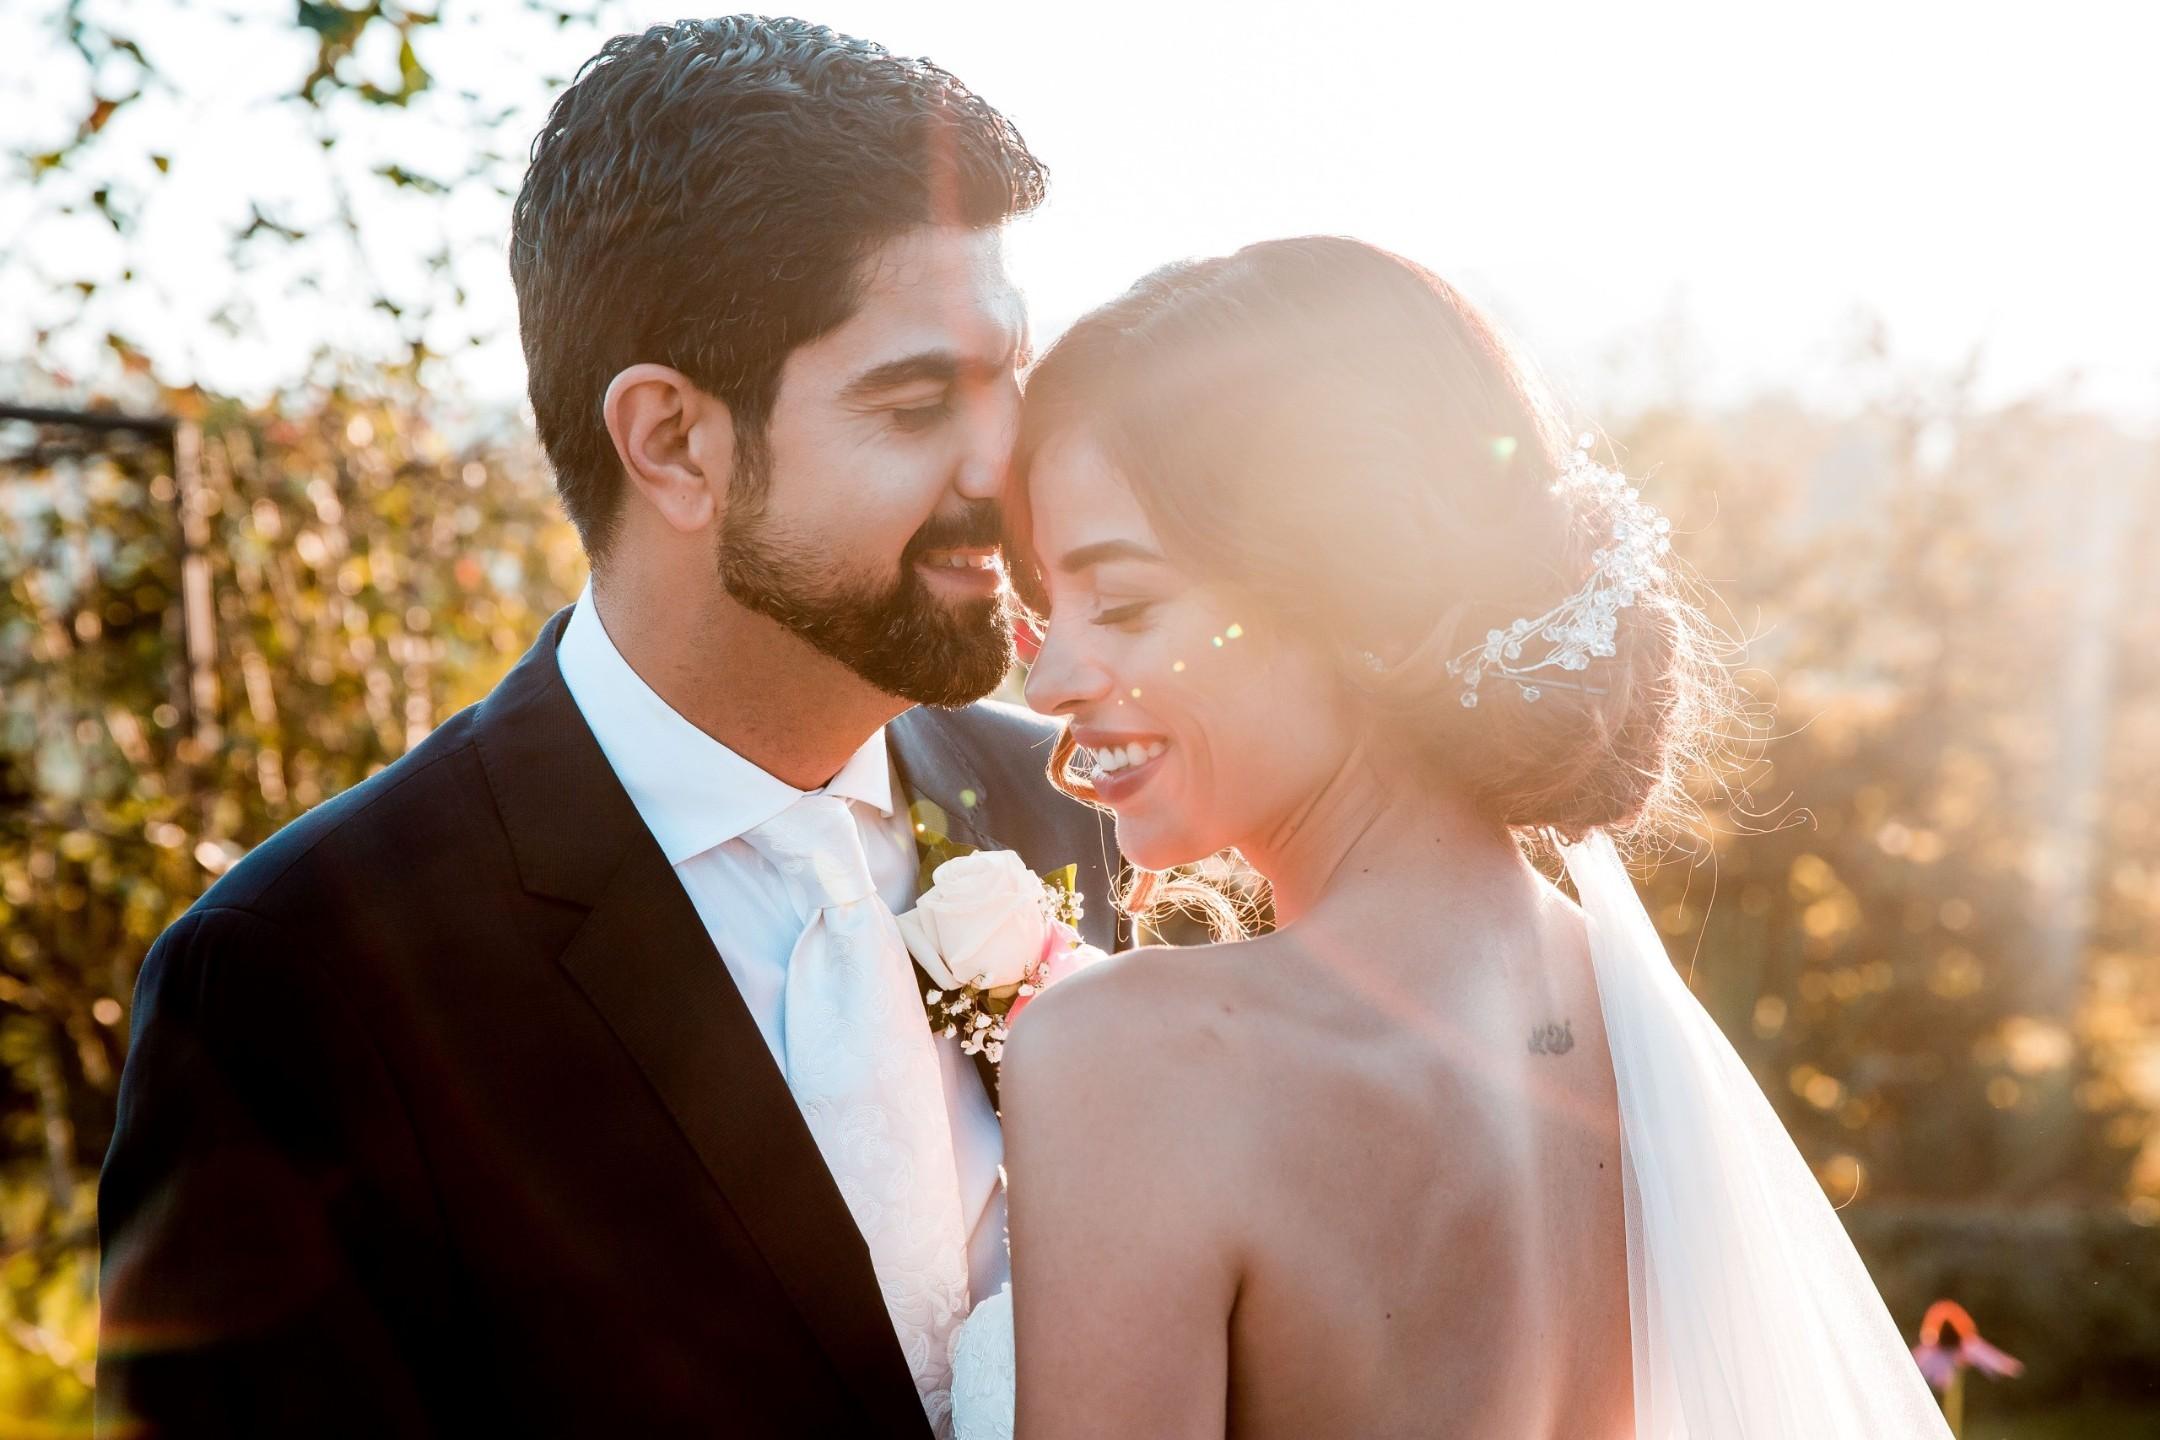 Aida + Tim | Hochzeitsfotografen am Bodensee Orchideenhaus, Schweiz